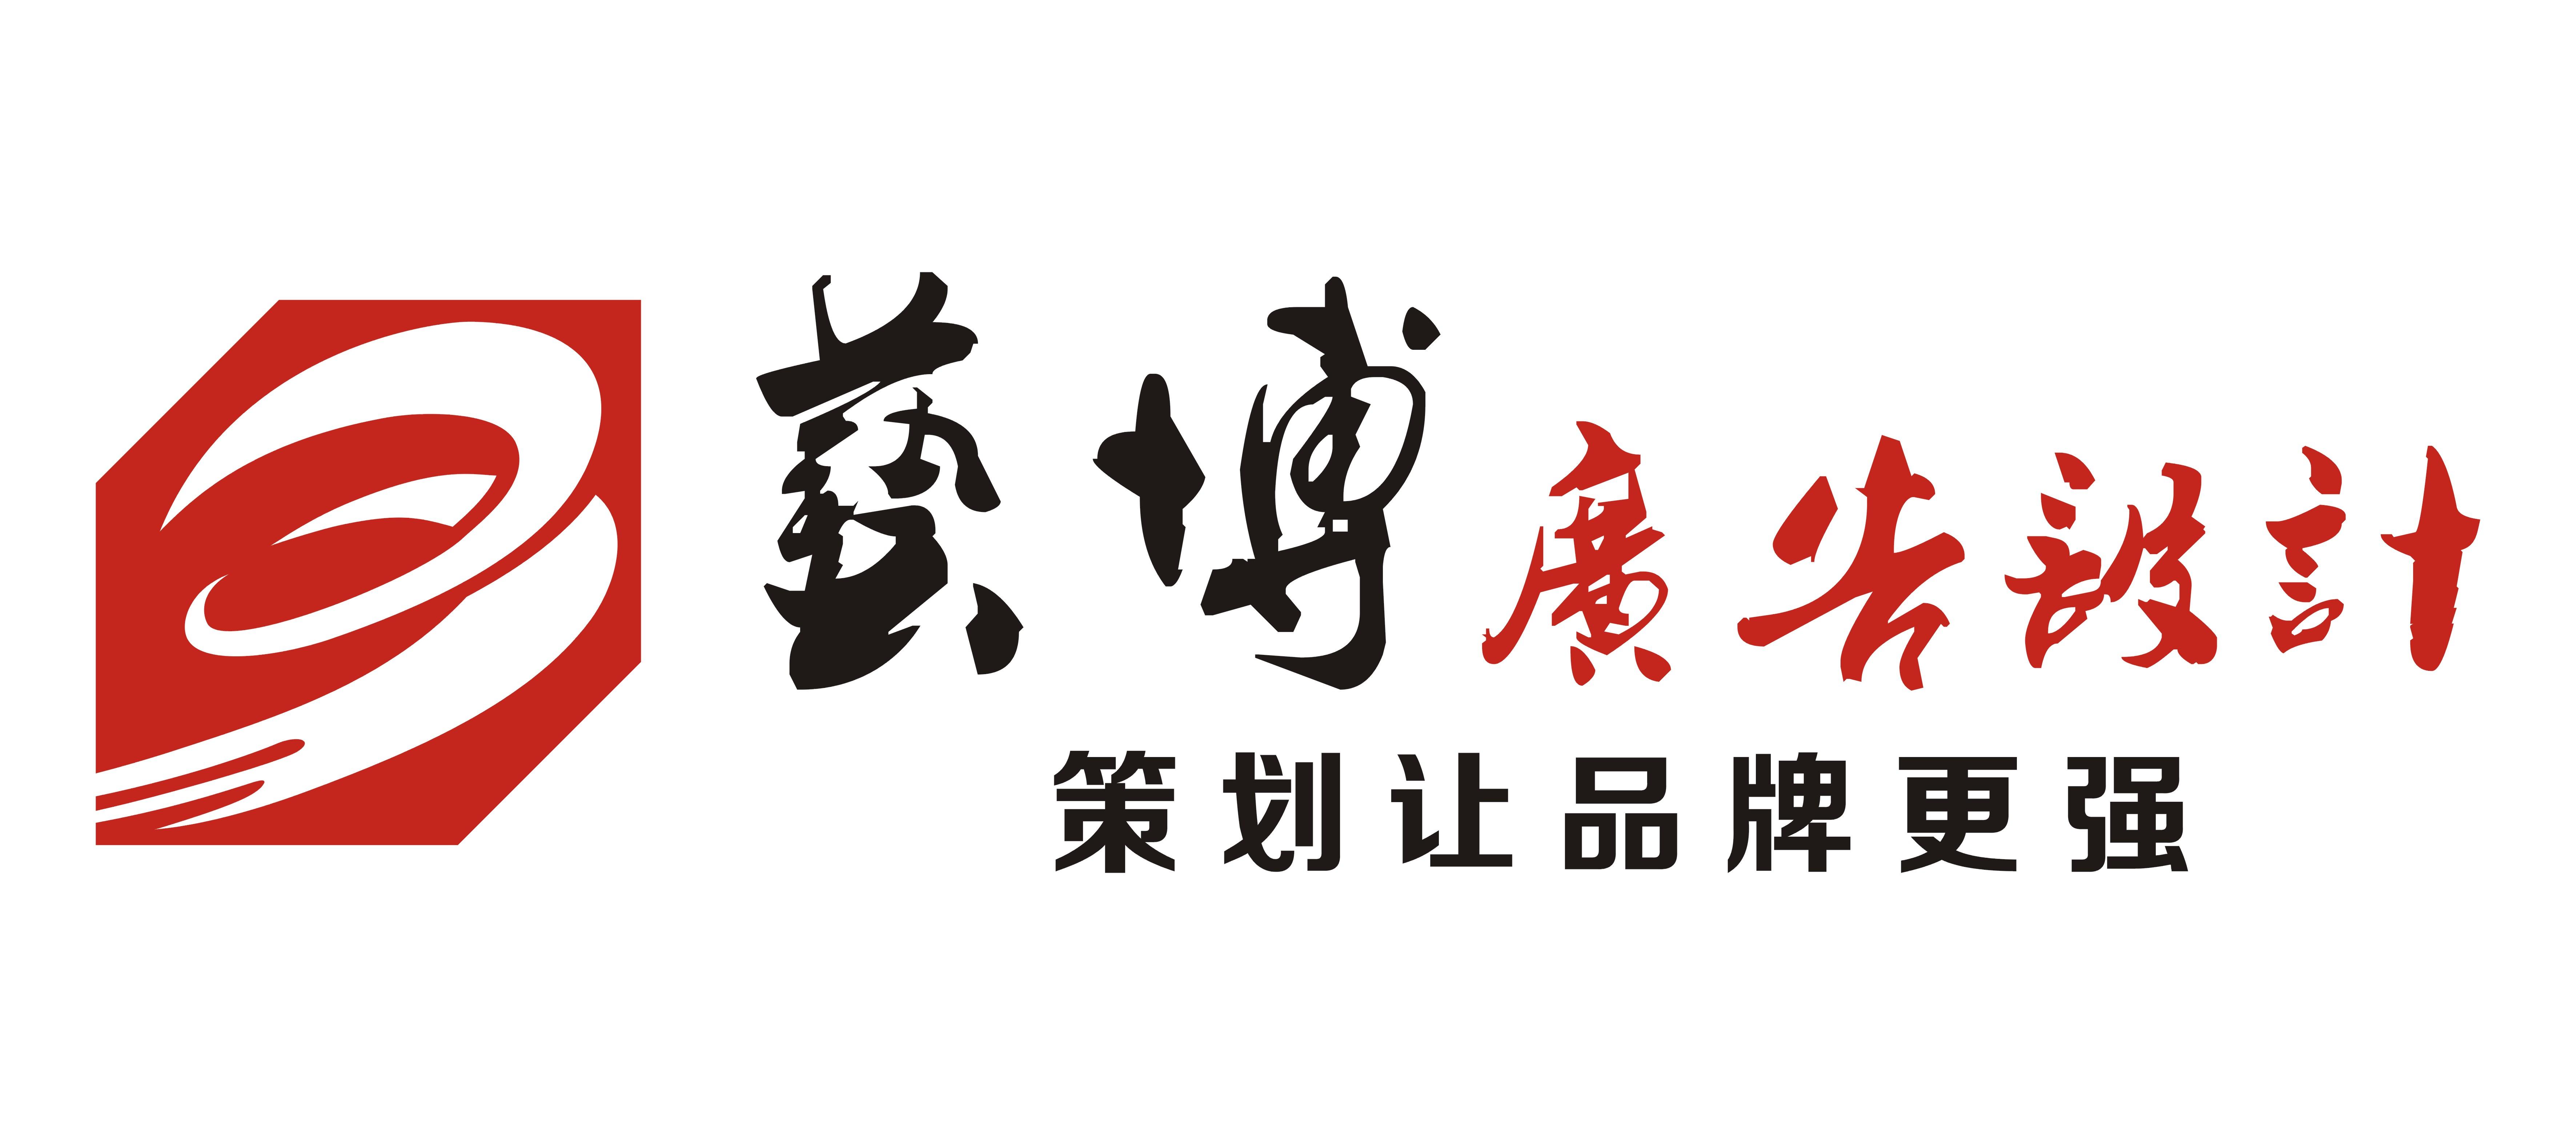 绍兴市越城区艺博广告设计服务部